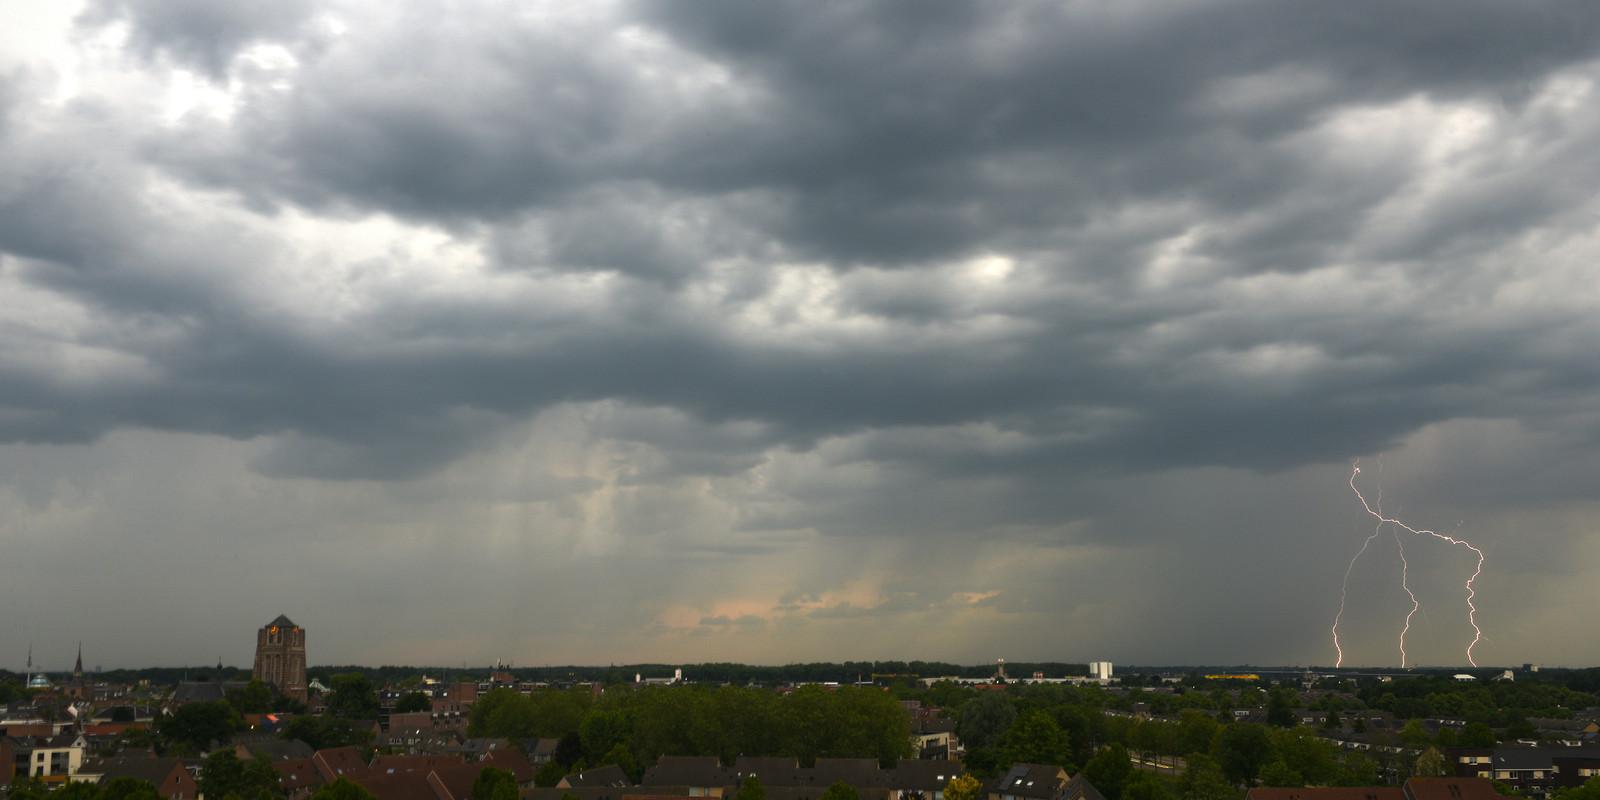 Onweer boven Oosterhout.